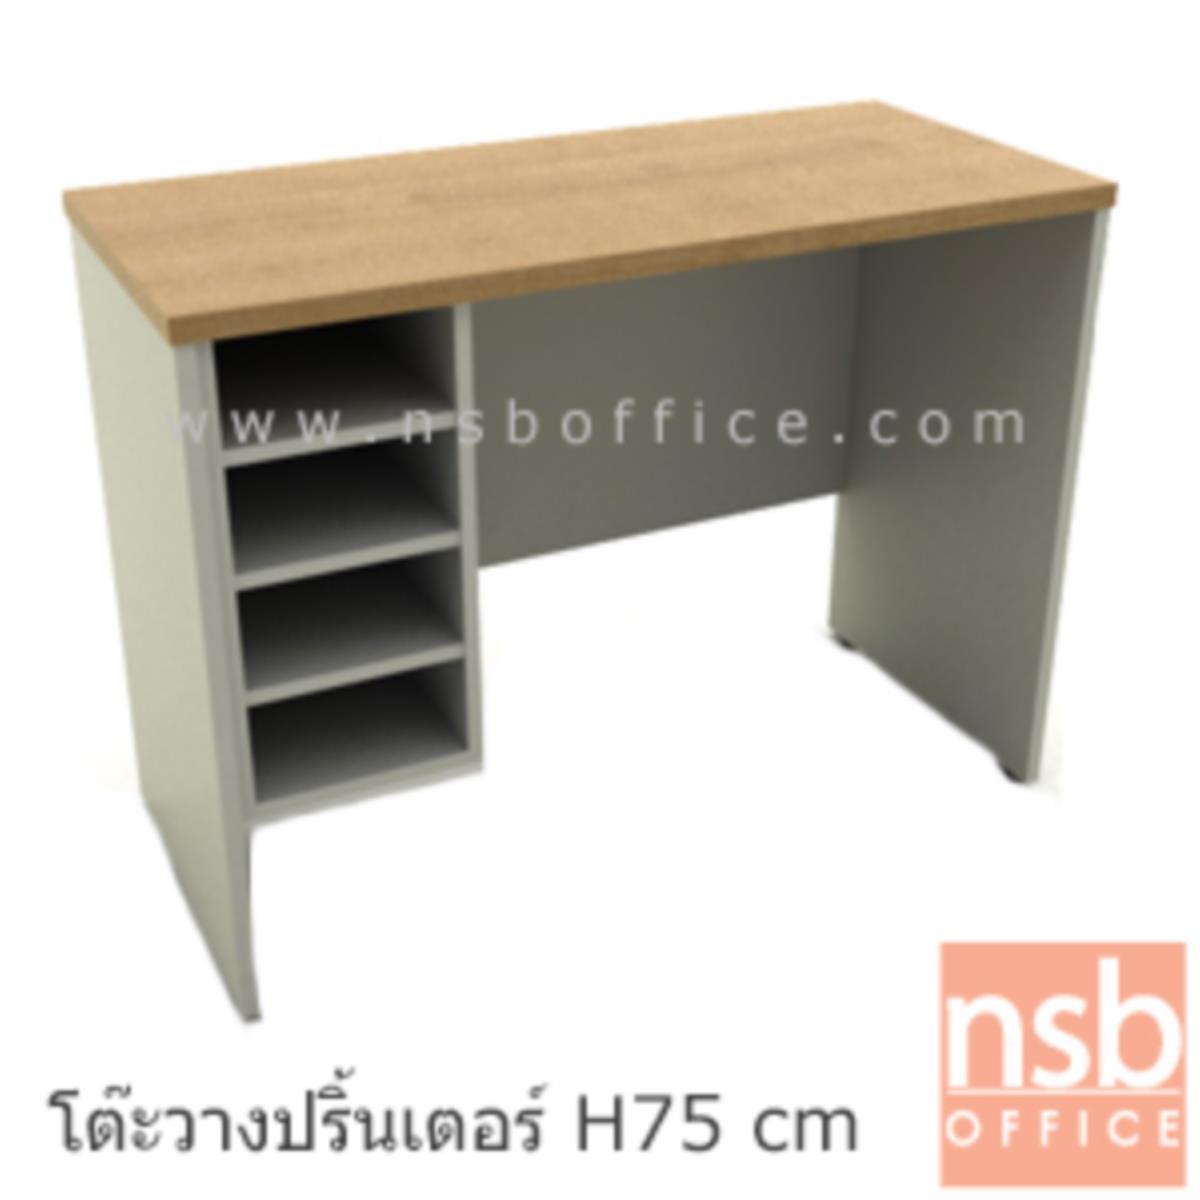 A12A027:โต๊ะวางปริ้นเตอร์ 4 ช่องโล่ง  รุ่น Marshall (มาร์แชลล์)  สูงเสมอโต๊ะ